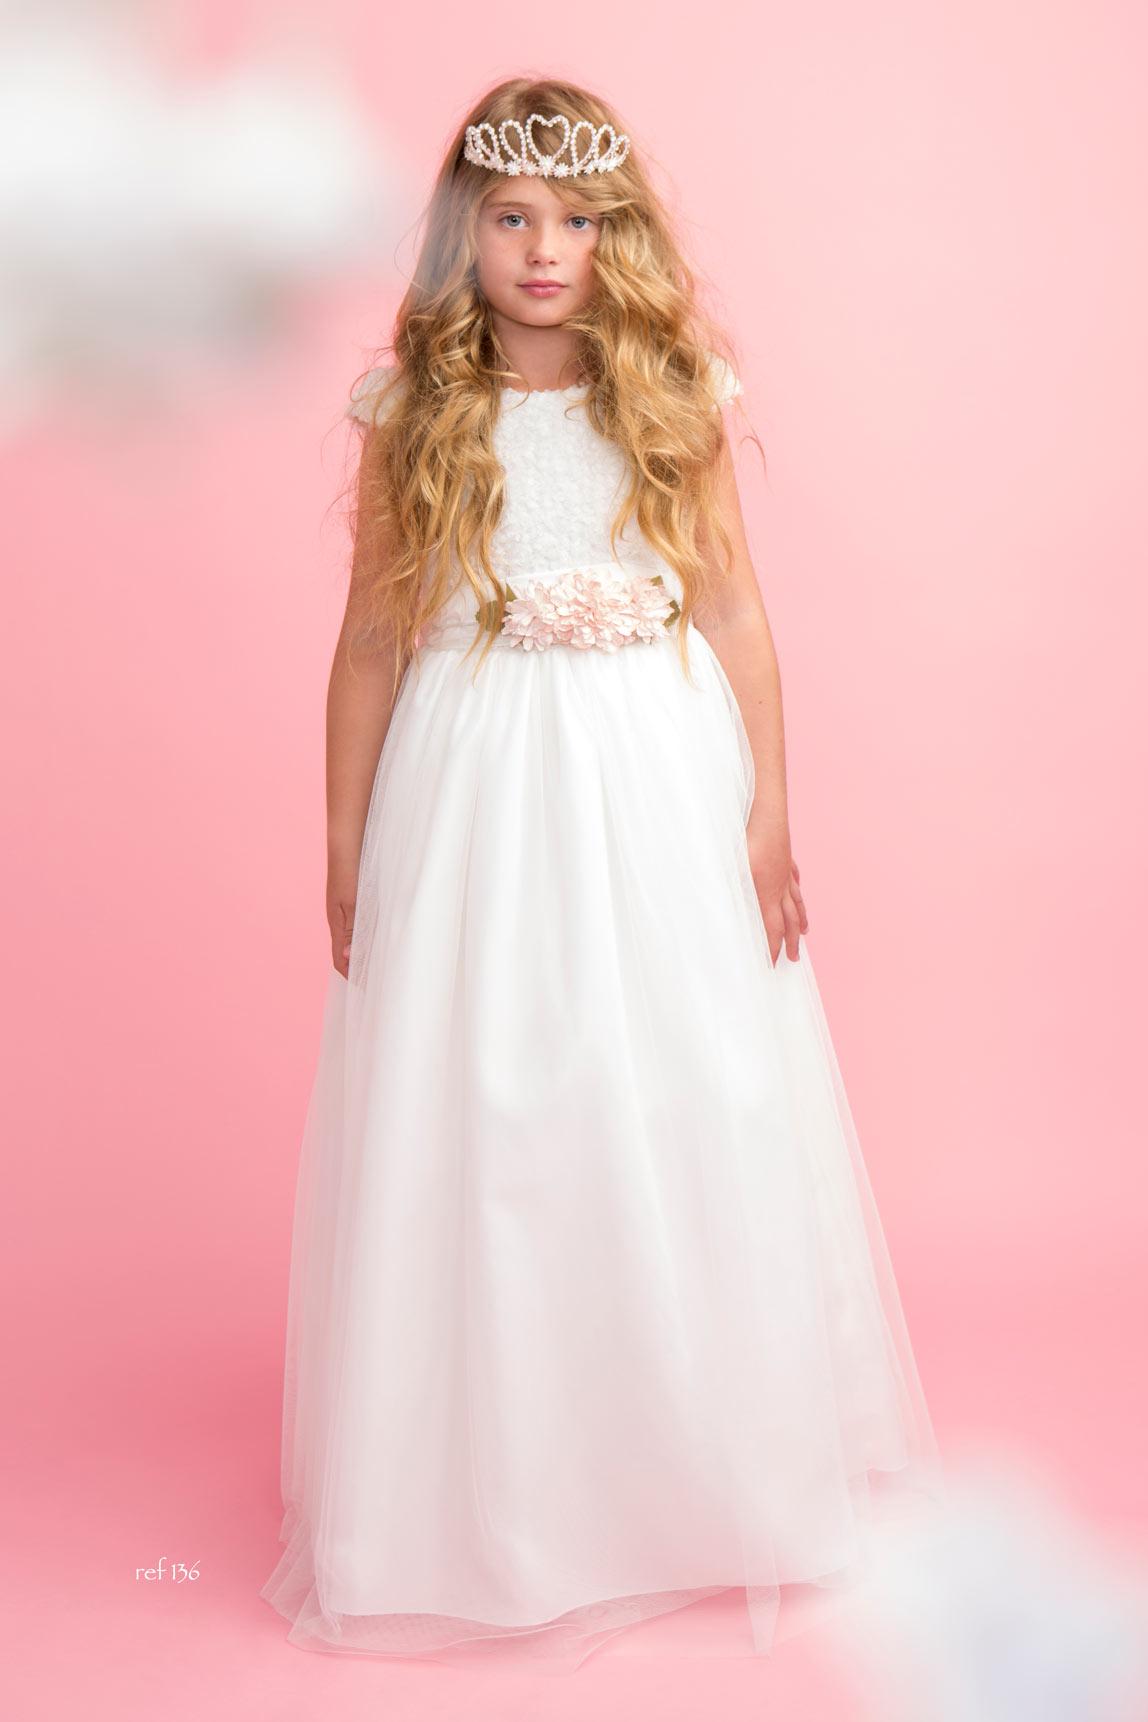 Lujo Trajes De Novia Irlanda Viñeta - Colección de Vestidos de Boda ...